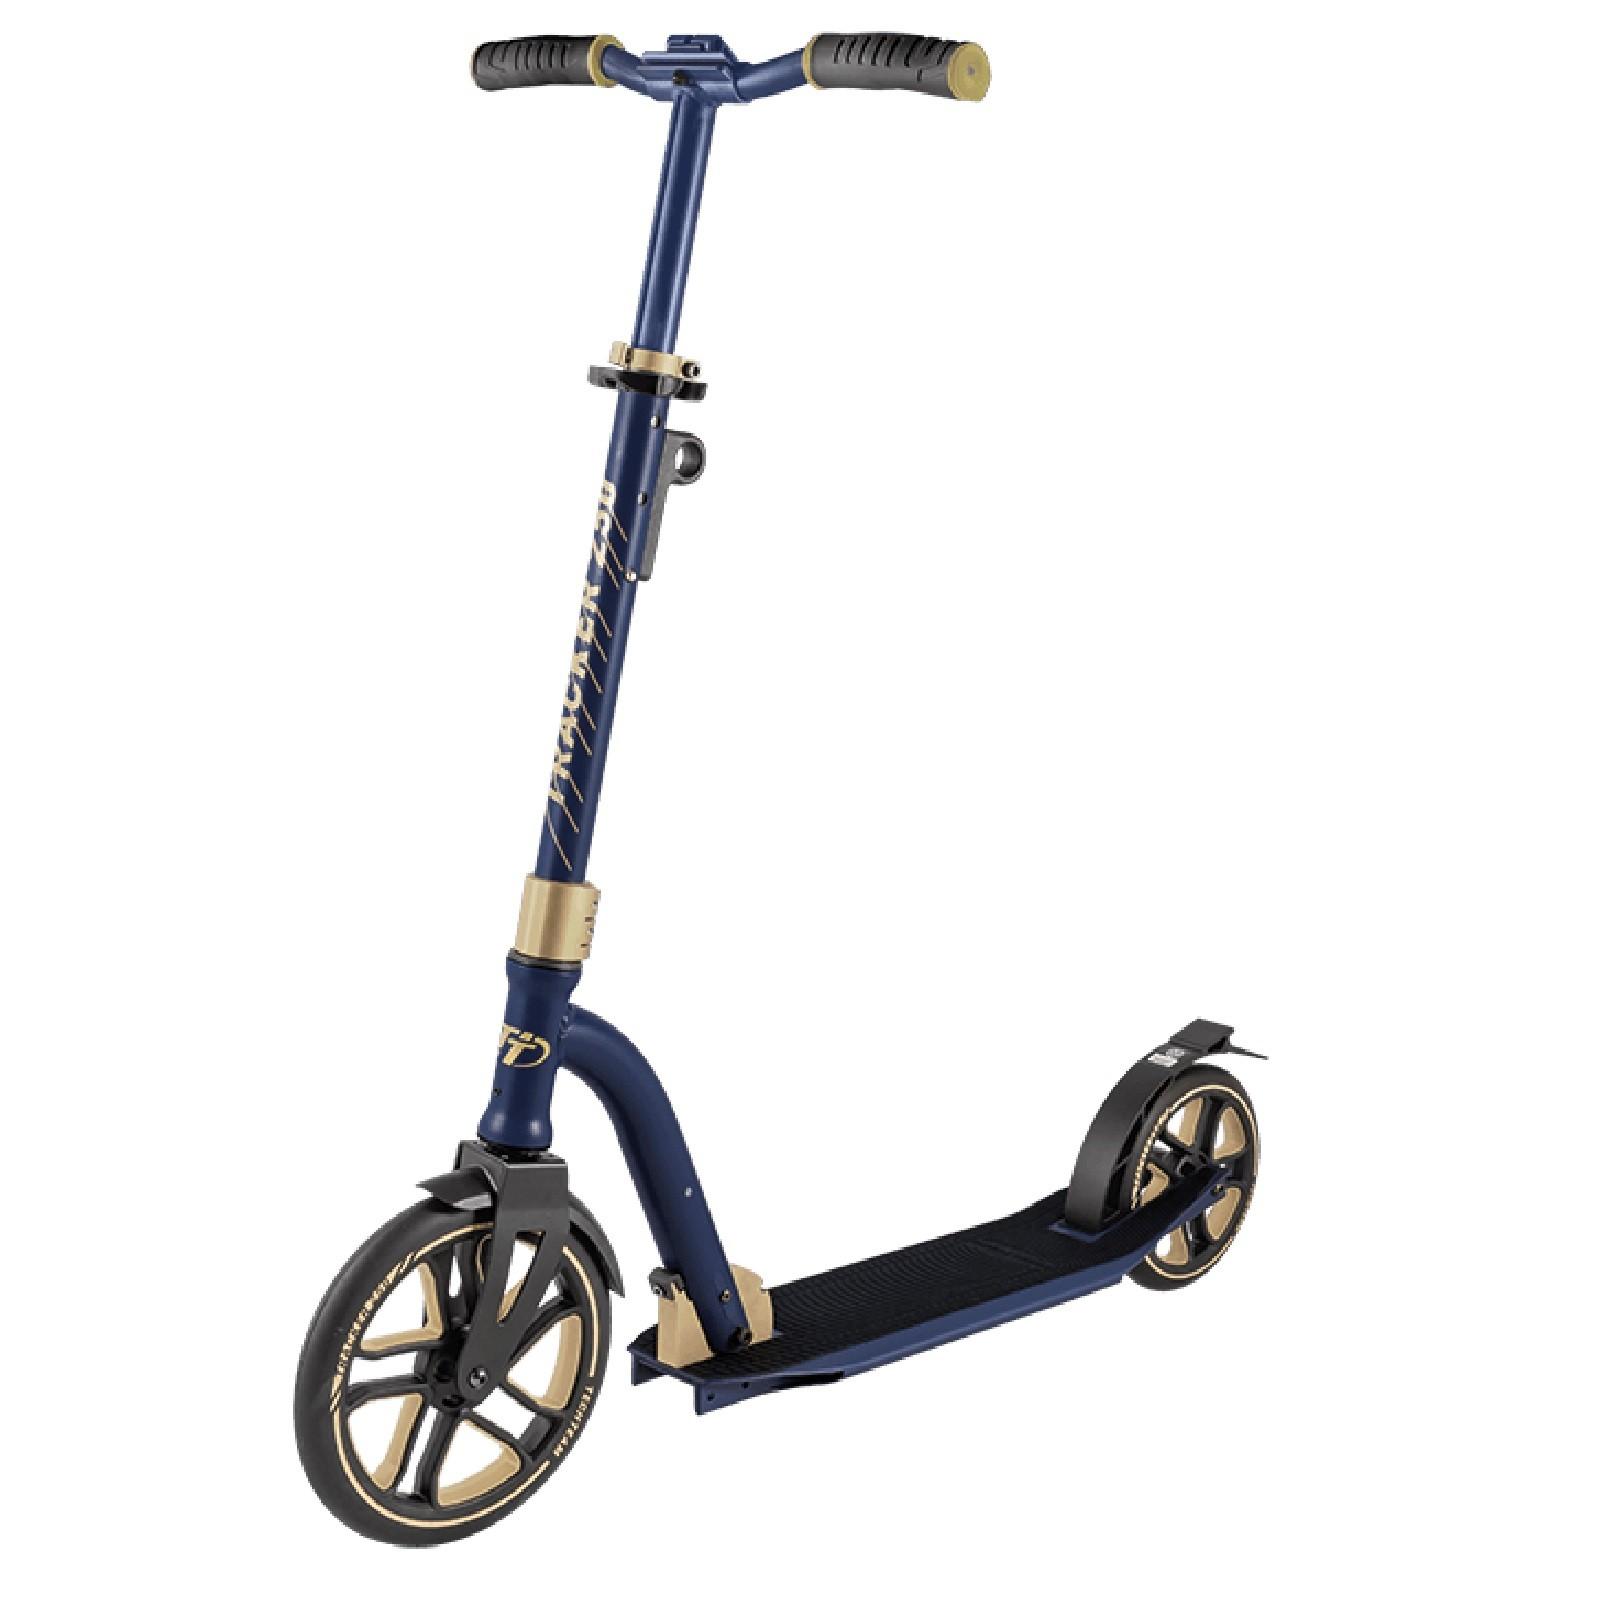 Детский Складной Самокат Tracker 250 2020 / Сине-золотой